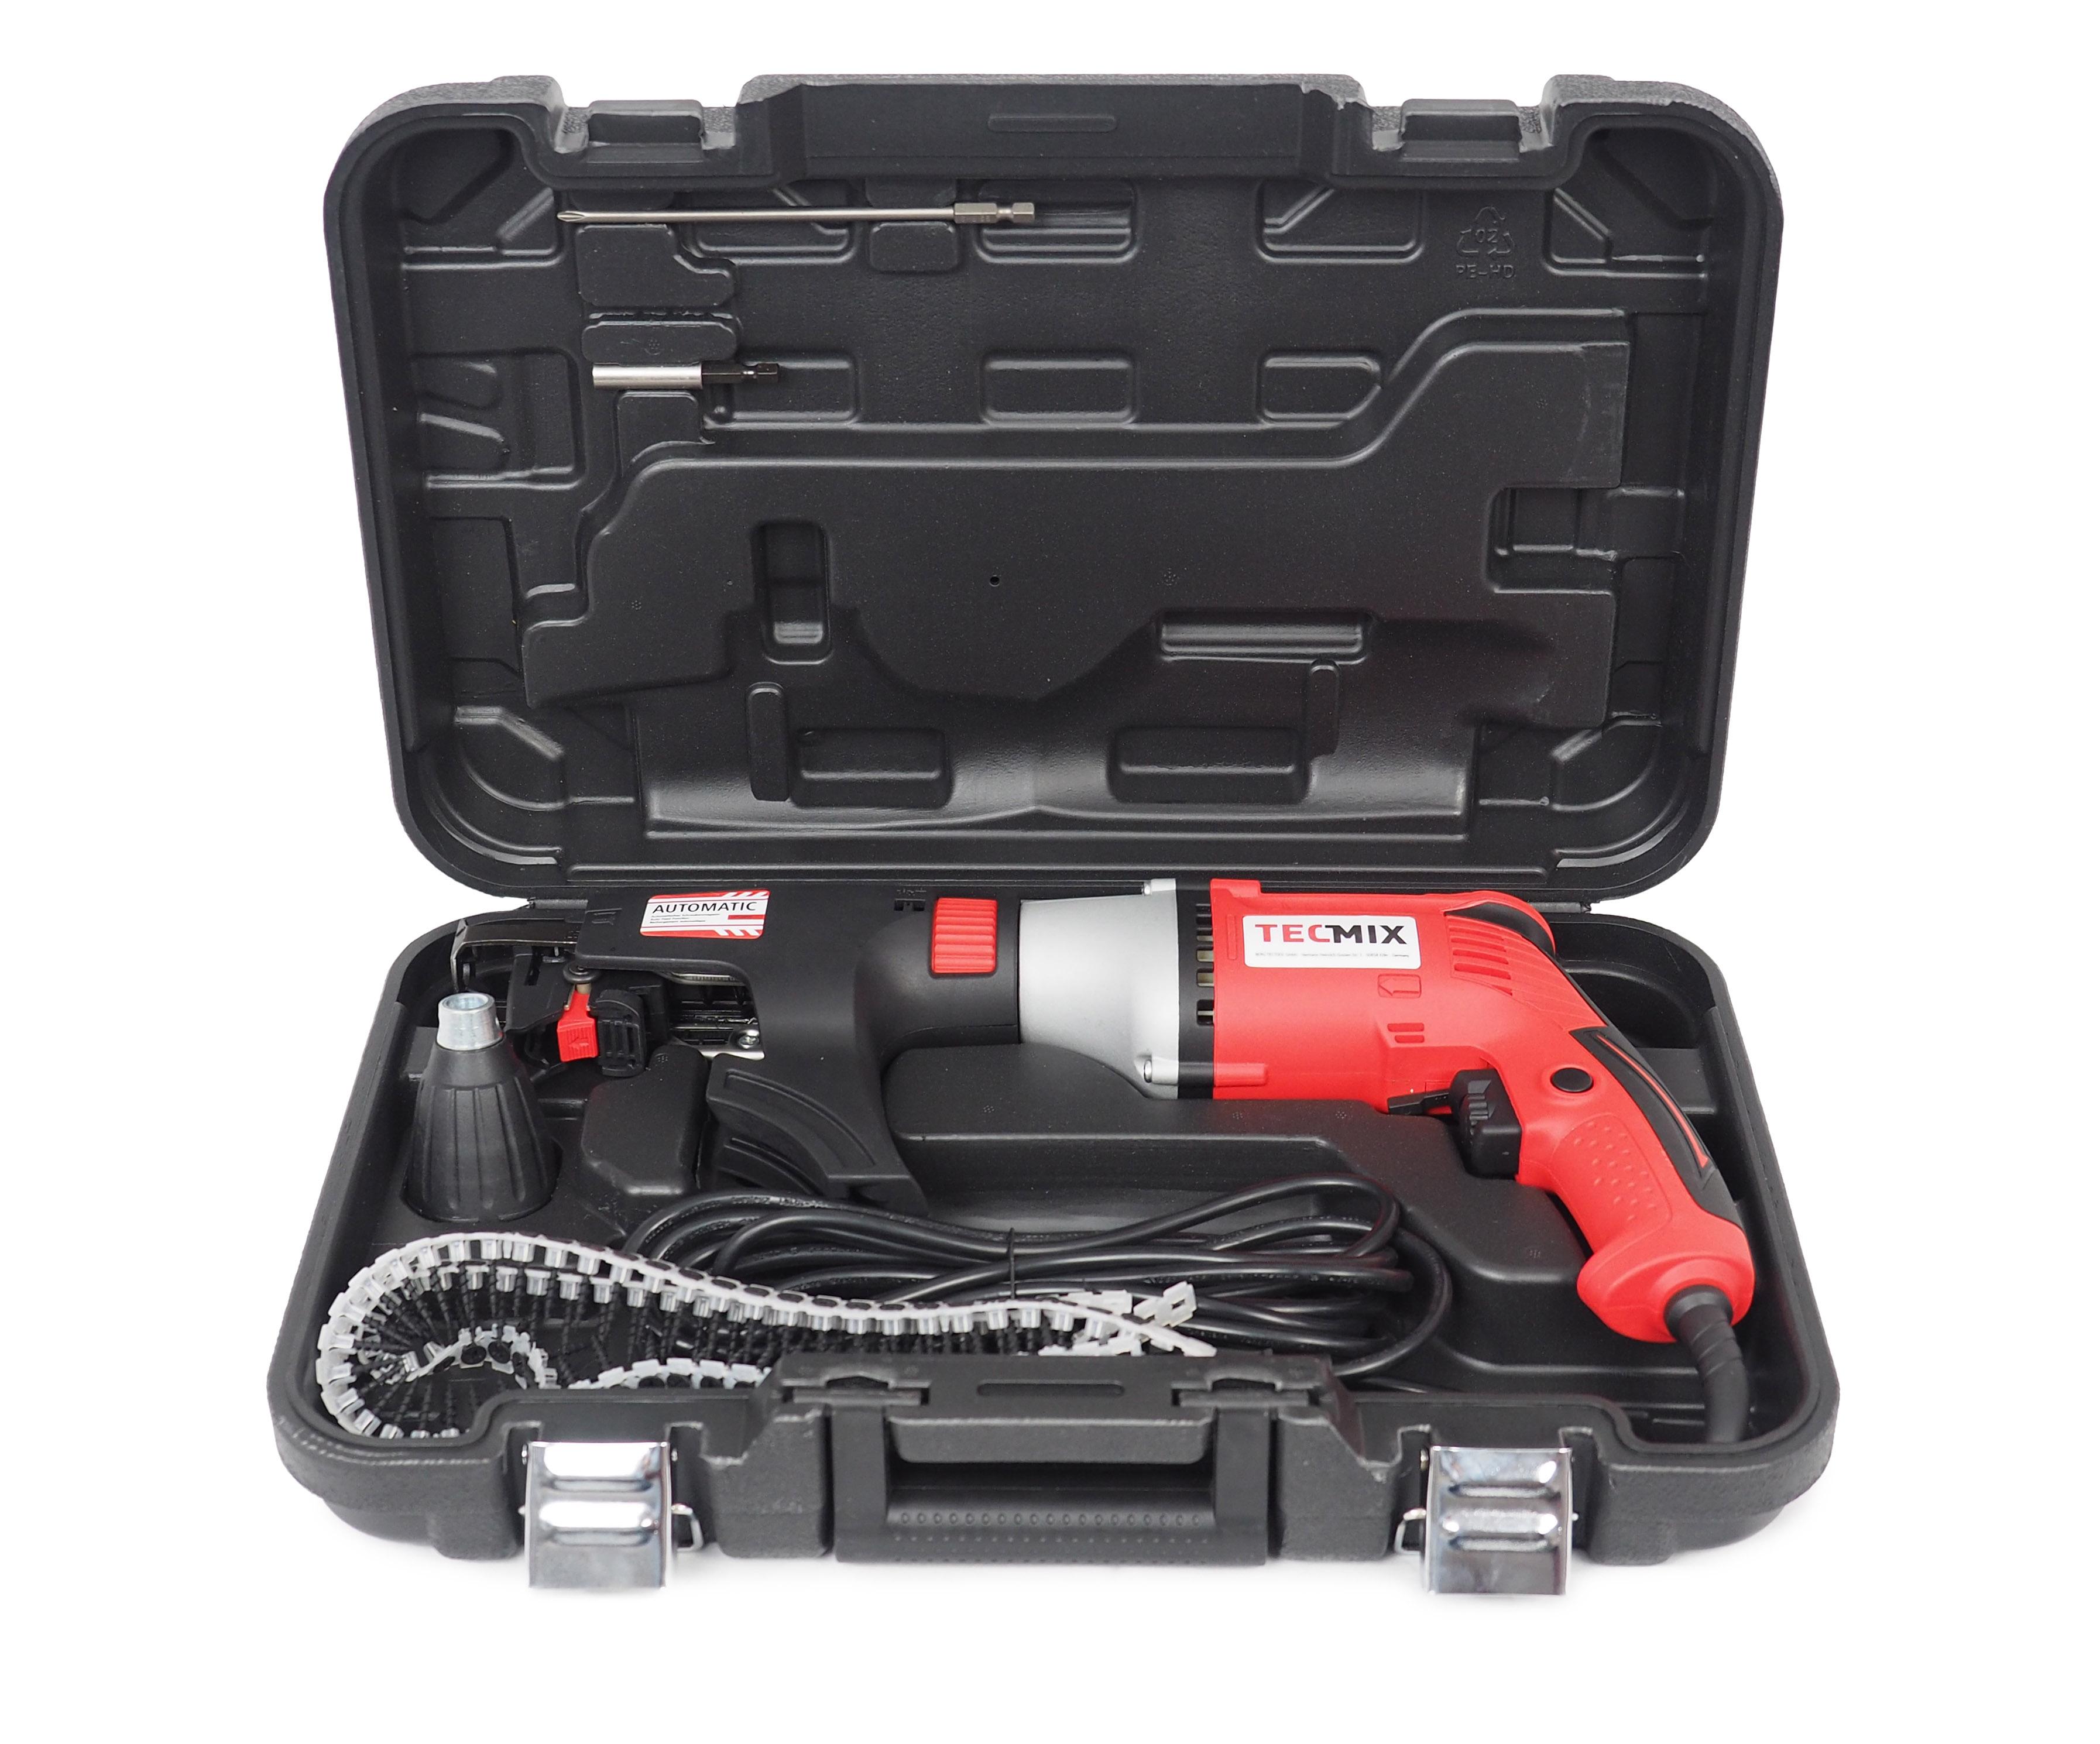 Odvijač električni za uvrtanje vijaka  TMX TBS 550, BERG